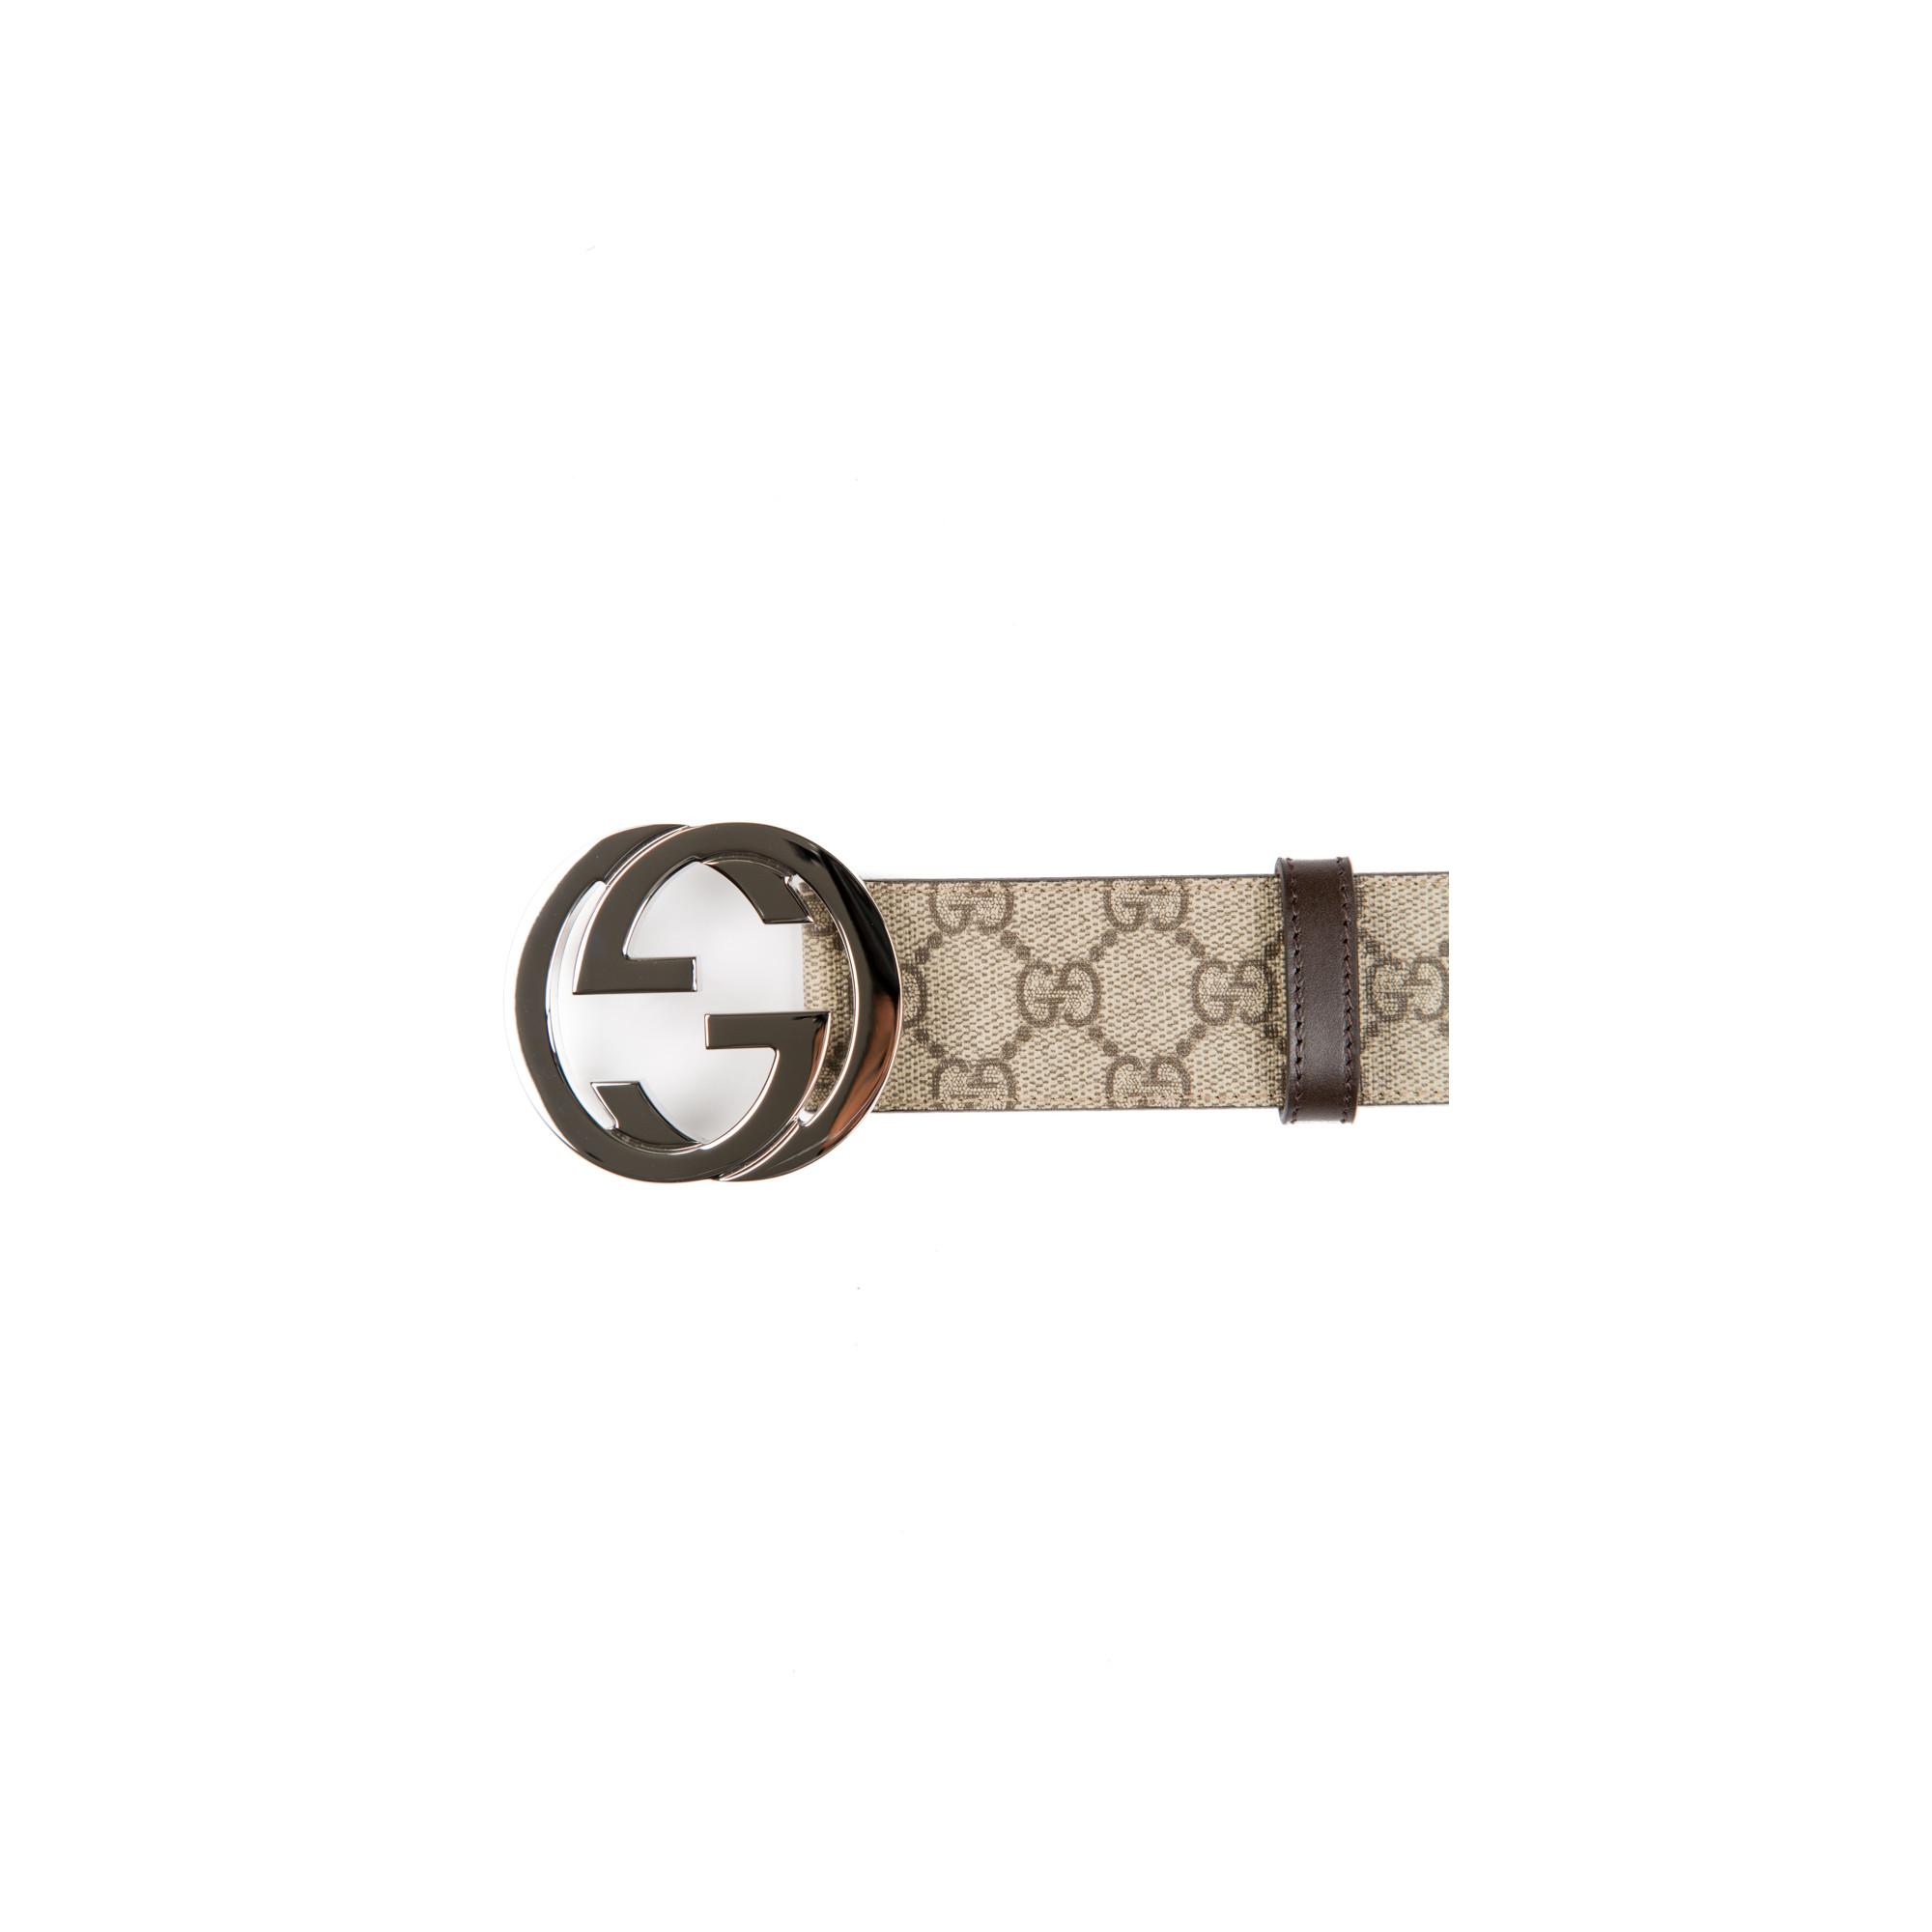 bdcaf962a2d ... Gucci belt w.40 int. brown Gucci belt w.40 int. brown ...